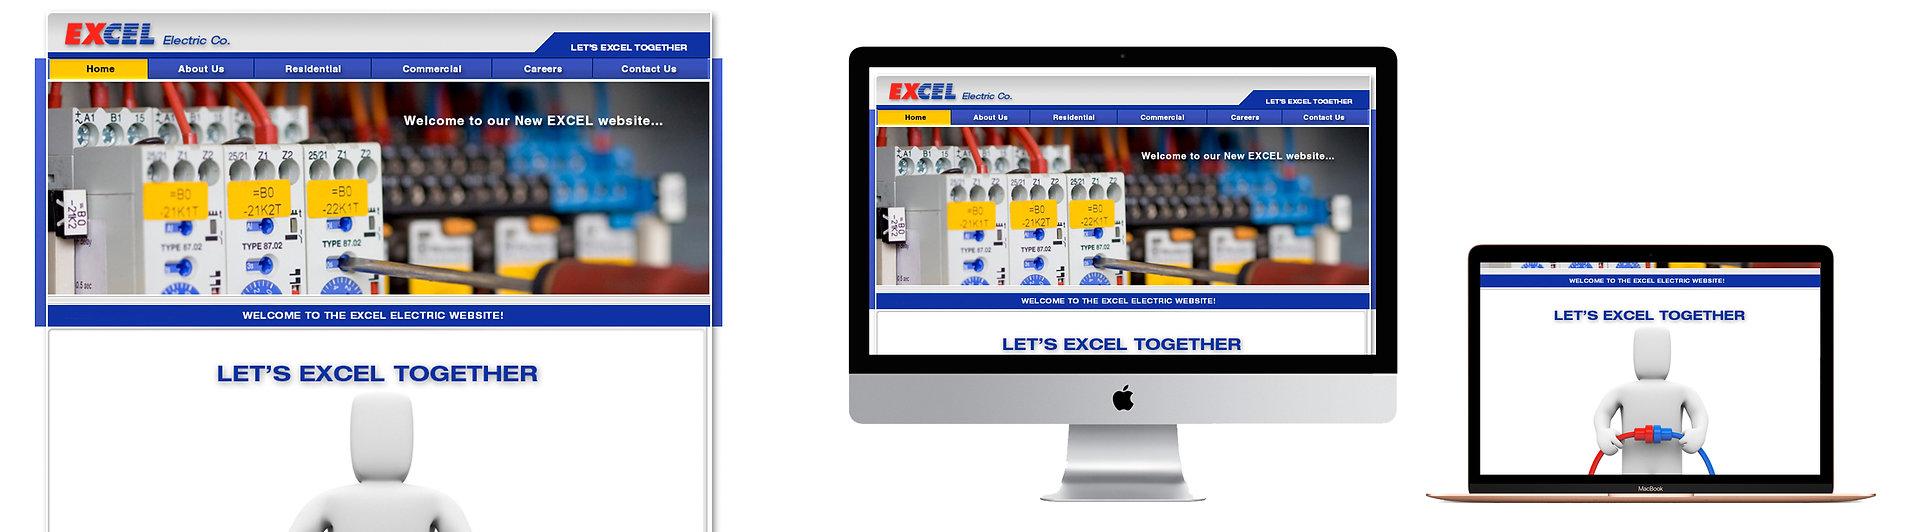 Websites_Stories_Excel.jpg